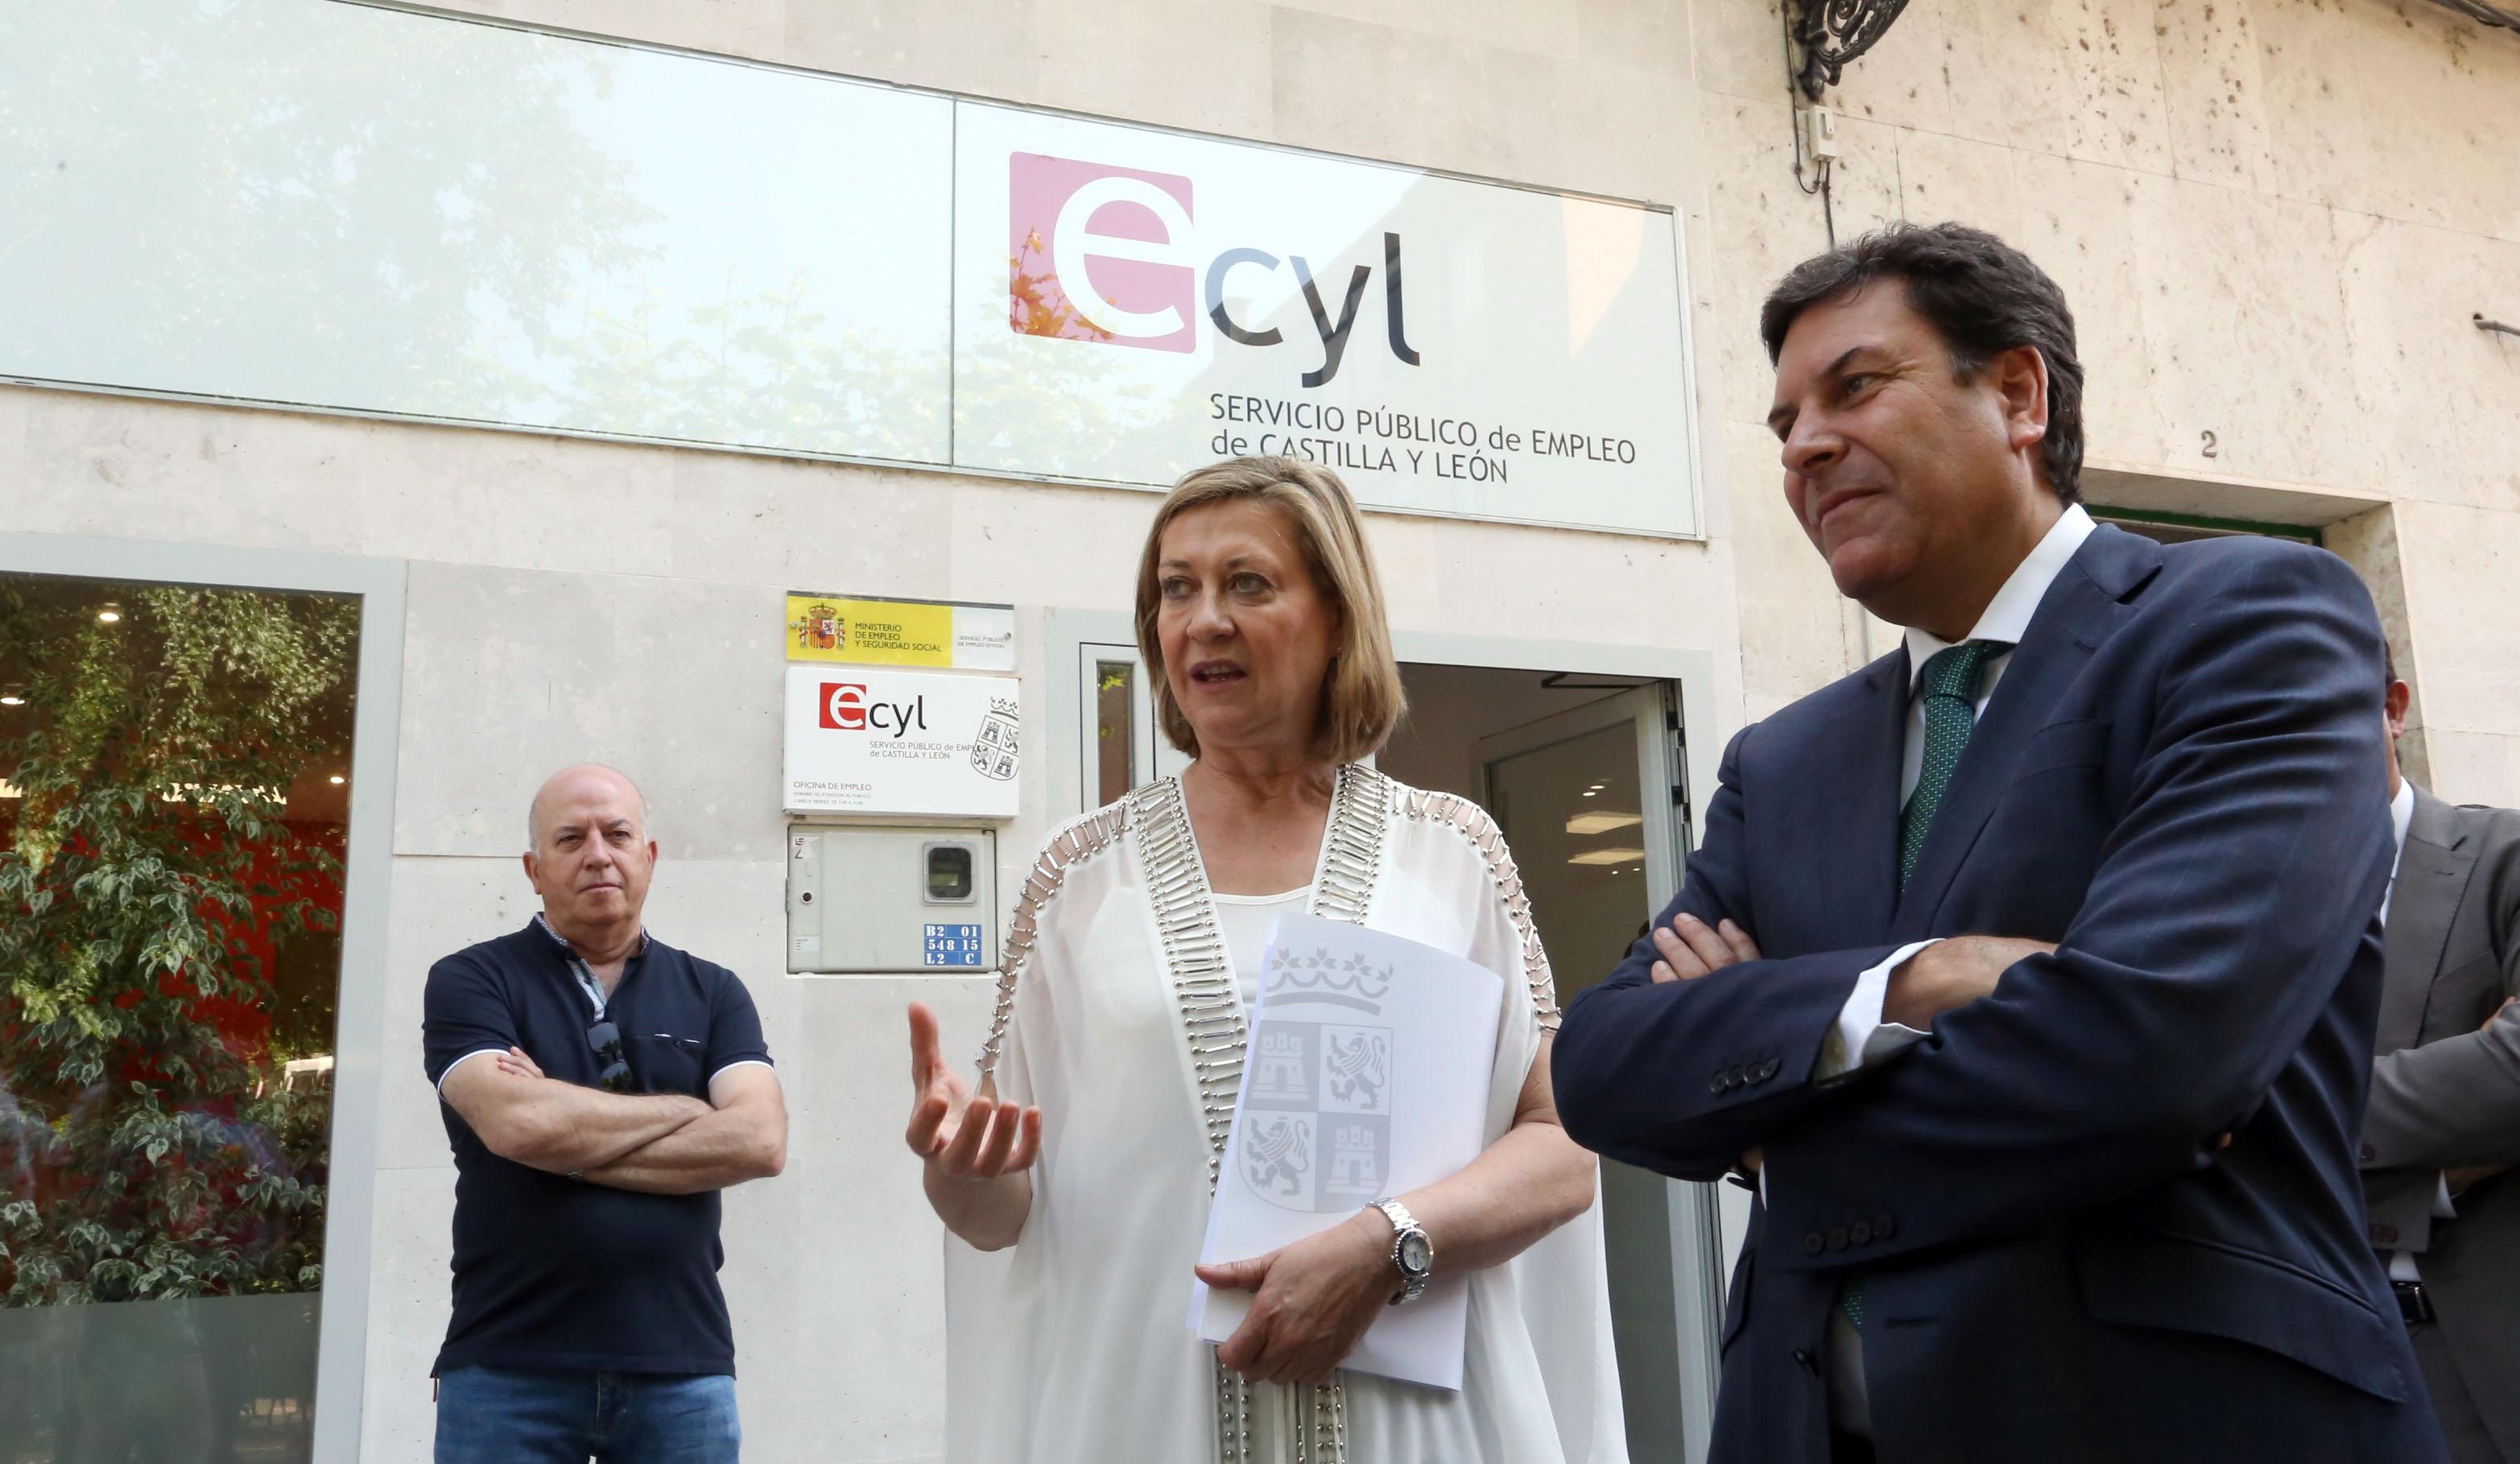 La Junta pretende acercar la atención de sus oficinas de empleo a los ciudadanos